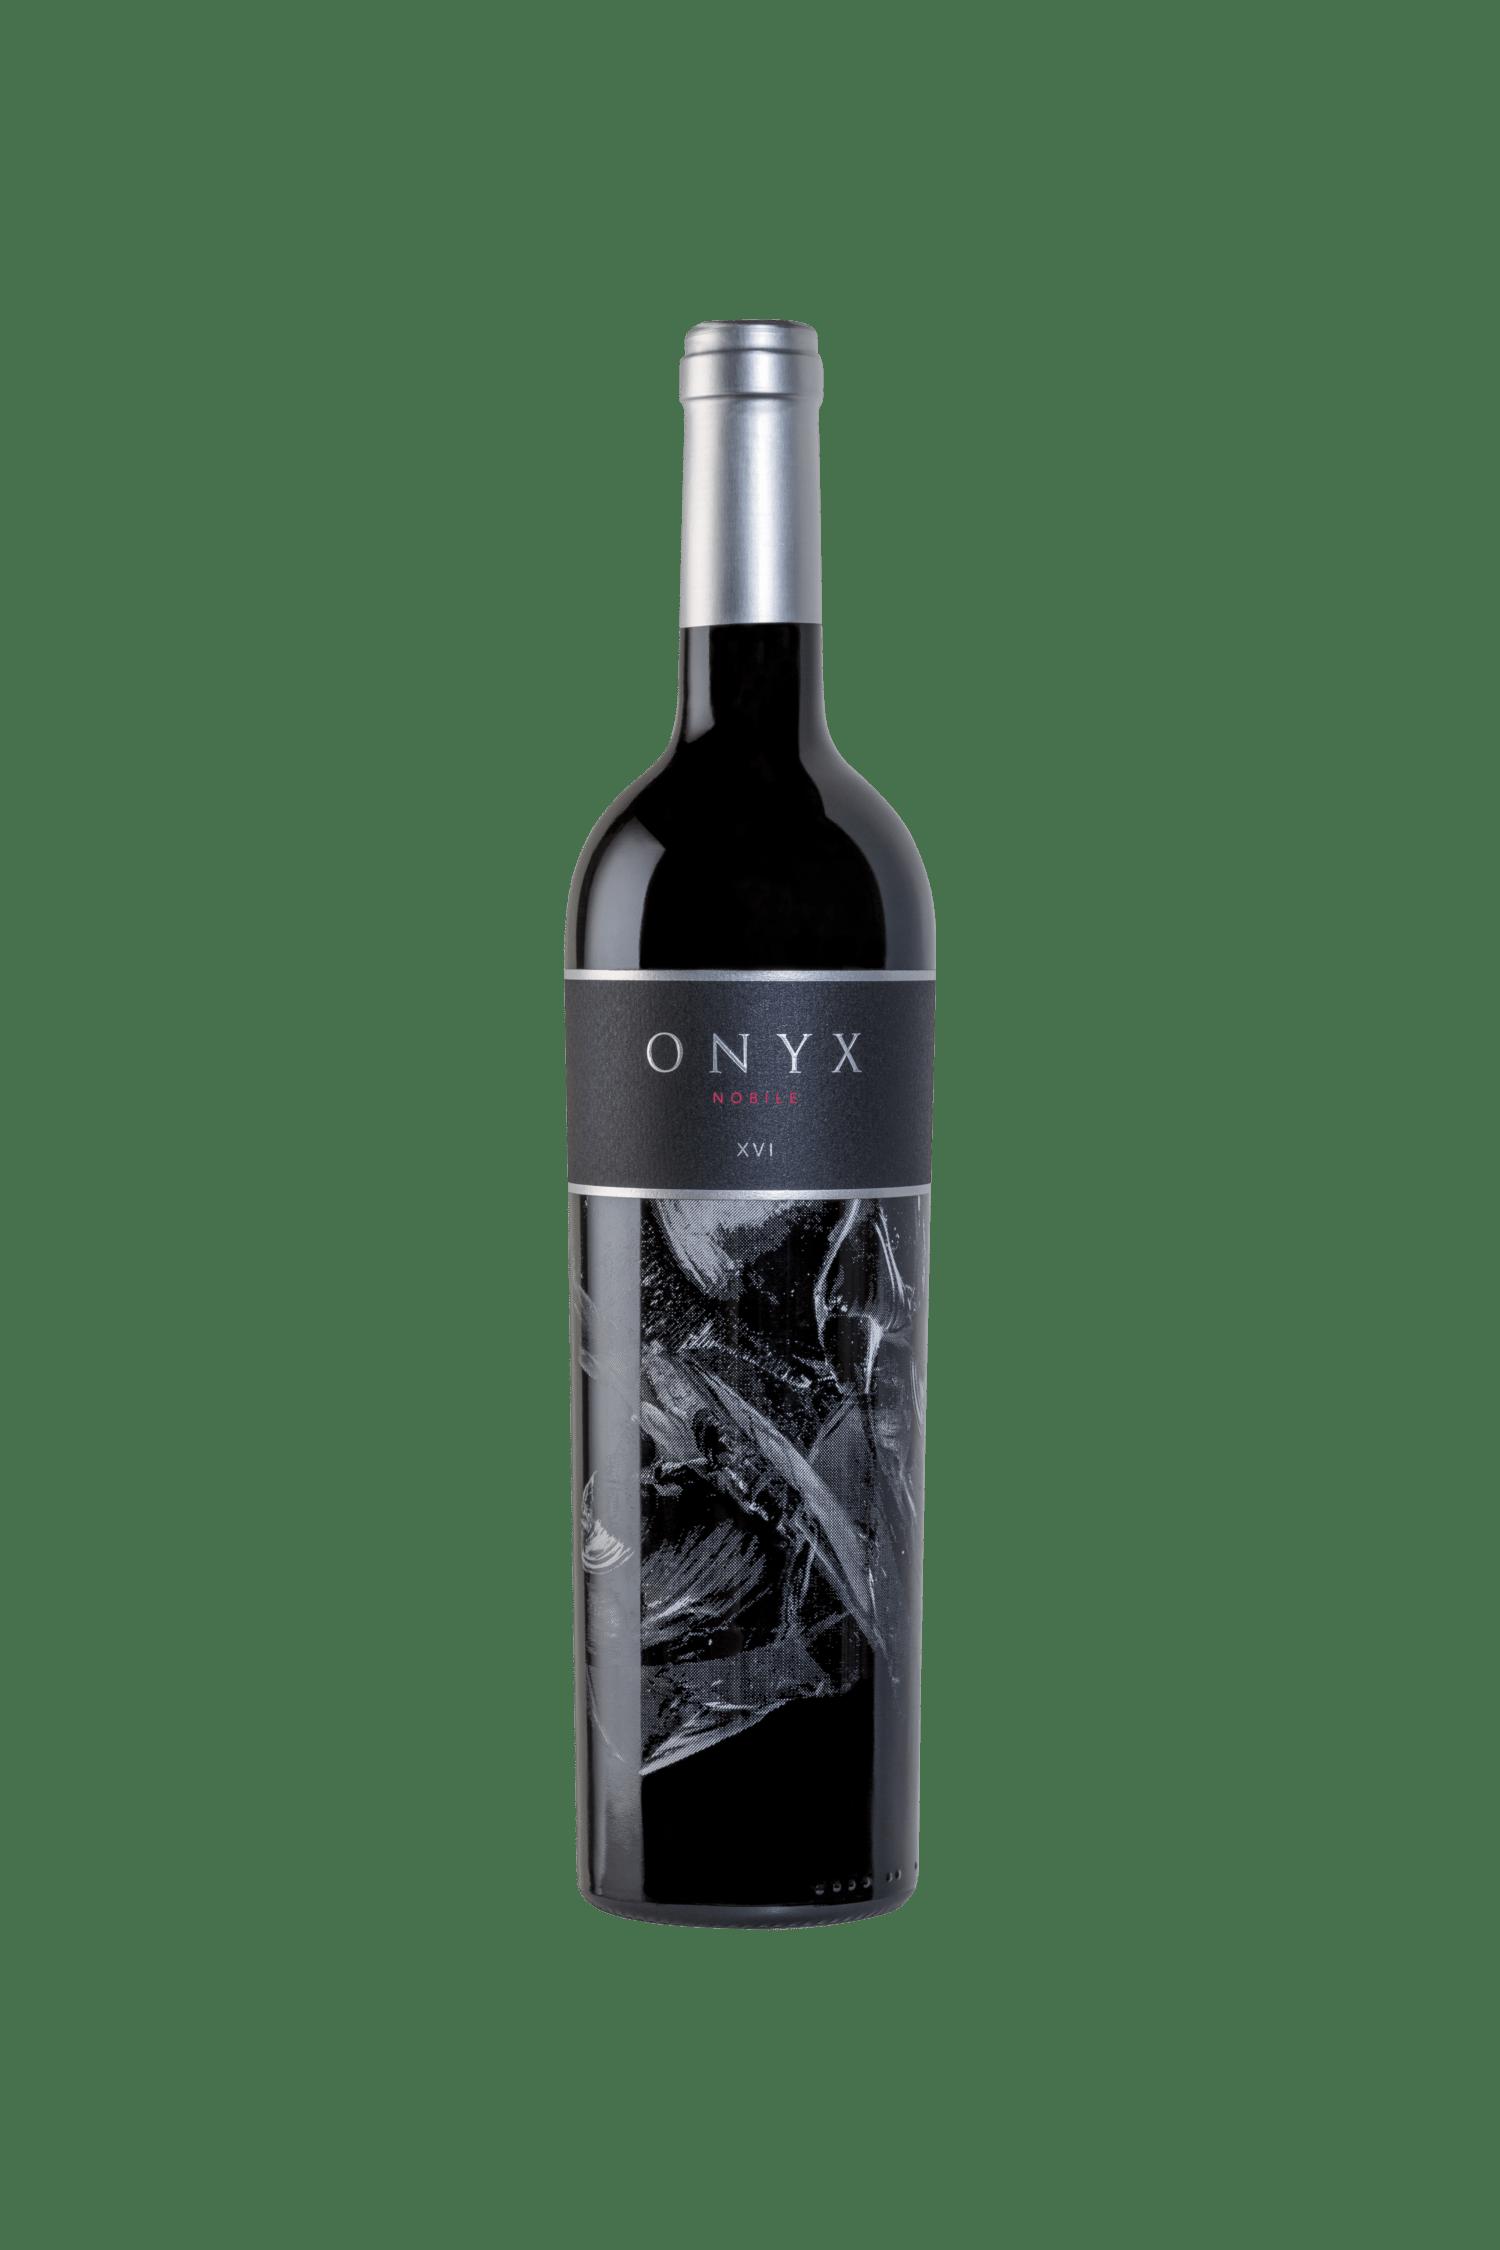 Onyx Nobile